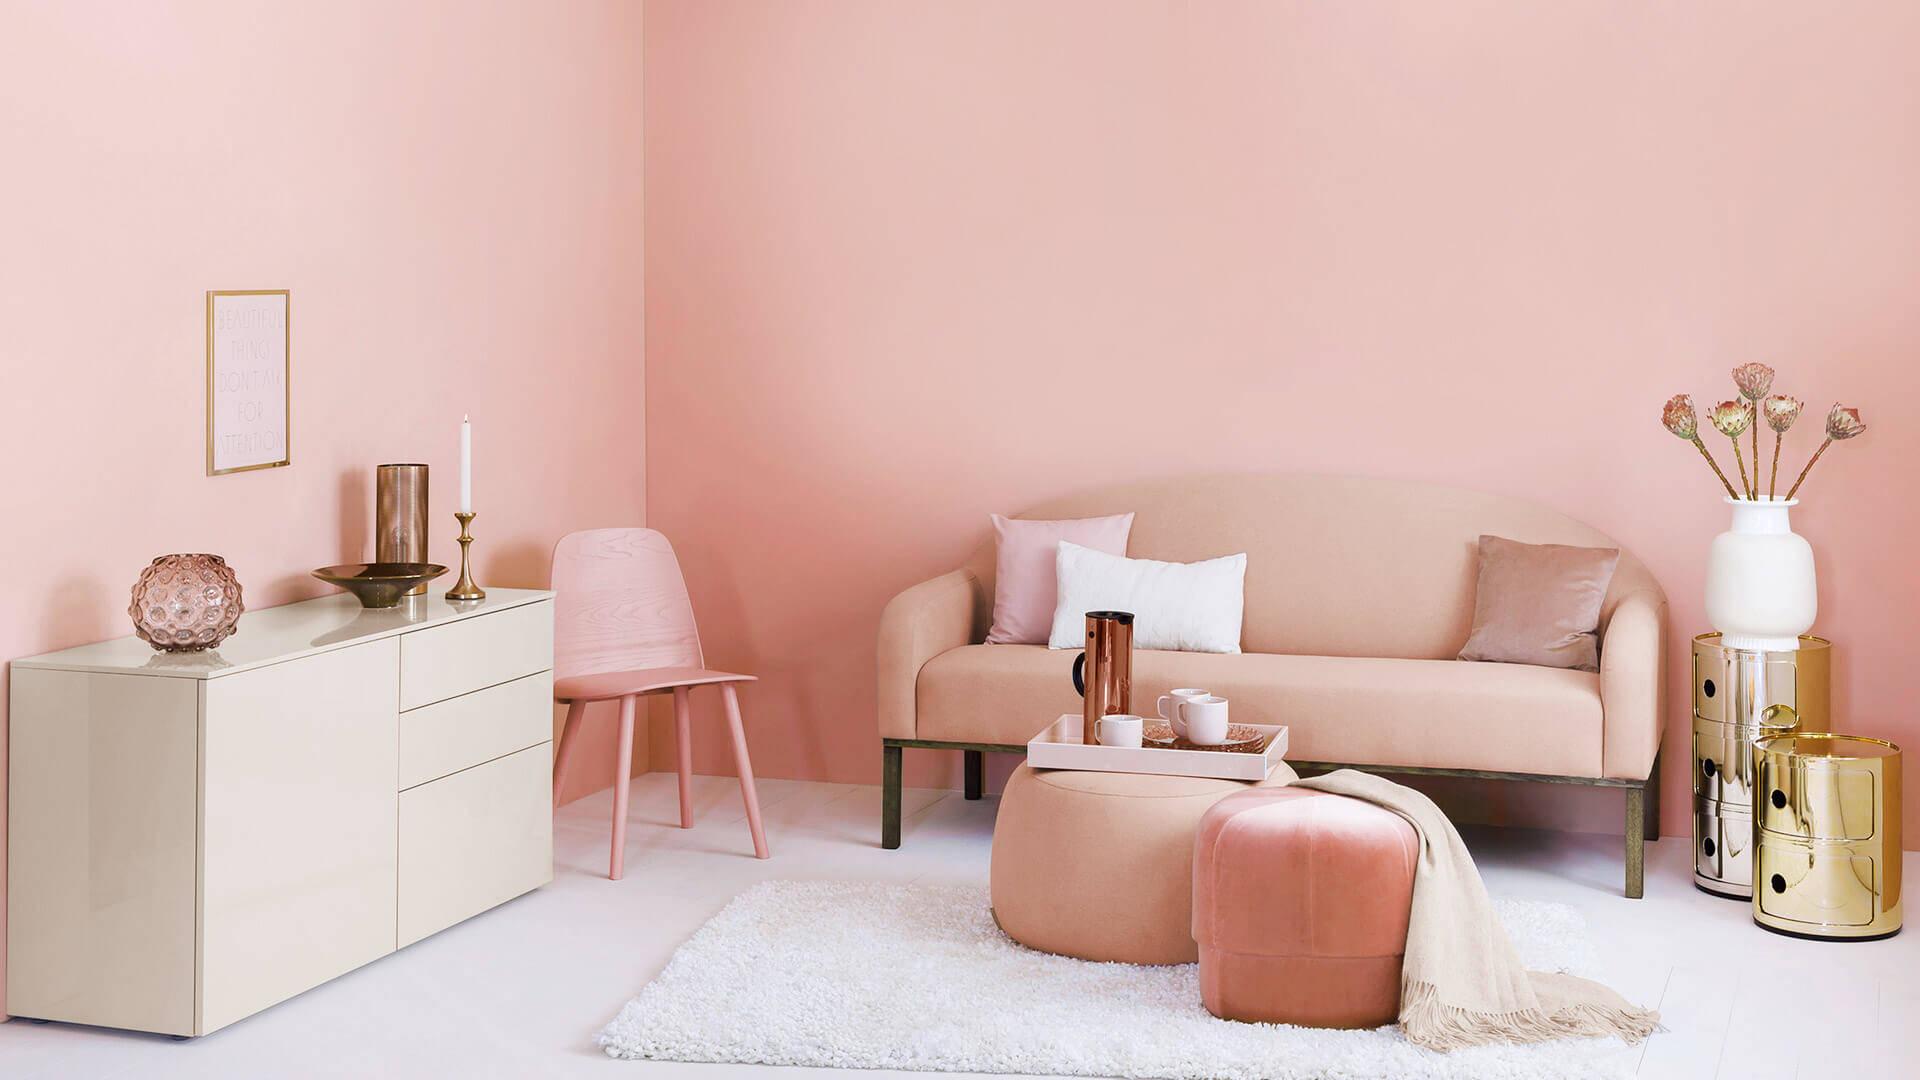 Se non sapete quali colori scegliere per le pareti di casa, seguite i nostri consigli e scoprite quali combinazioni di colori sono più. Colori Pareti Casa Tendenze Catalogo 2021 E Abbinamenti